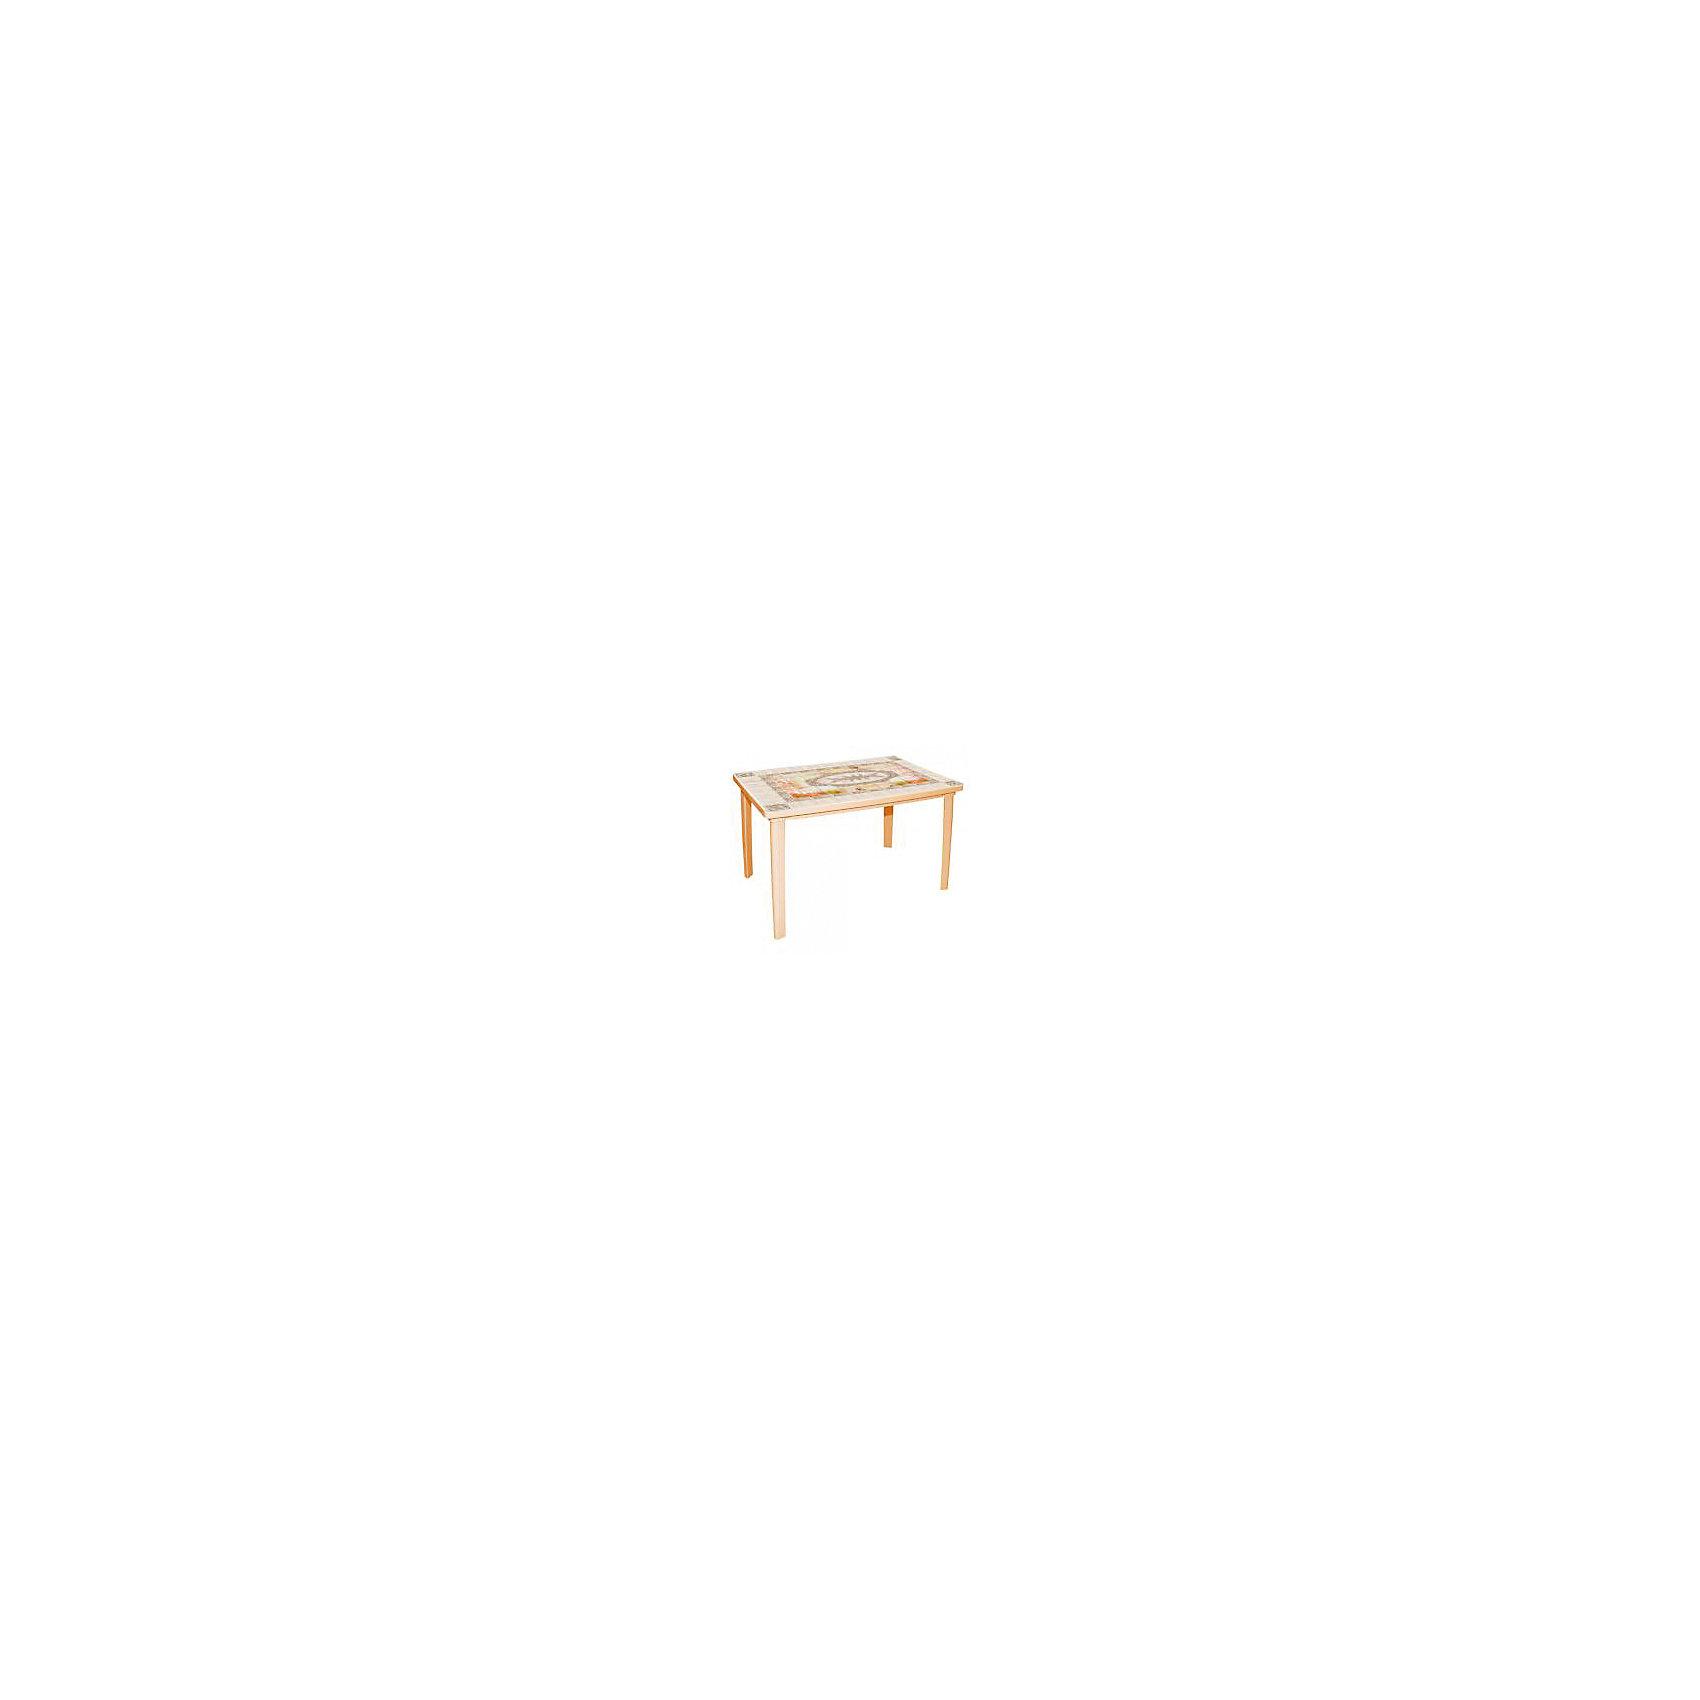 Стол Верона прямоуг1200х850х750, Alternativa, бежевыйМебель<br>Стол Верона прямоуг1200х850х750, Alternativa (Альтернатива), бежевый<br><br>Характеристики:<br><br>• привлекательный узор<br>• устойчивые ножки<br>• легко мыть<br>• материал: пластик<br>• размер: 120х85х75 см<br>• форма: прямоугольный<br>• вес: 6,344 кг<br>• цвет: бежевый<br><br>Стол Верона - настоящая находка для ценителей качественной и красивой мебели. Он изготовлен из высококачественного пластика и оформлен привлекательным узором в итальянском стиле. Ножки устойчиво располагаются на любой поверхности. Стол легко моется от загрязнений.<br><br>Стол Верона прямоуг1200х850х750, Alternativa (Альтернатива), бежевый вы можете купить в нашем интернет-магазине.<br><br>Ширина мм: 1200<br>Глубина мм: 850<br>Высота мм: 750<br>Вес г: 6344<br>Возраст от месяцев: 216<br>Возраст до месяцев: 1188<br>Пол: Унисекс<br>Возраст: Детский<br>SKU: 5475666